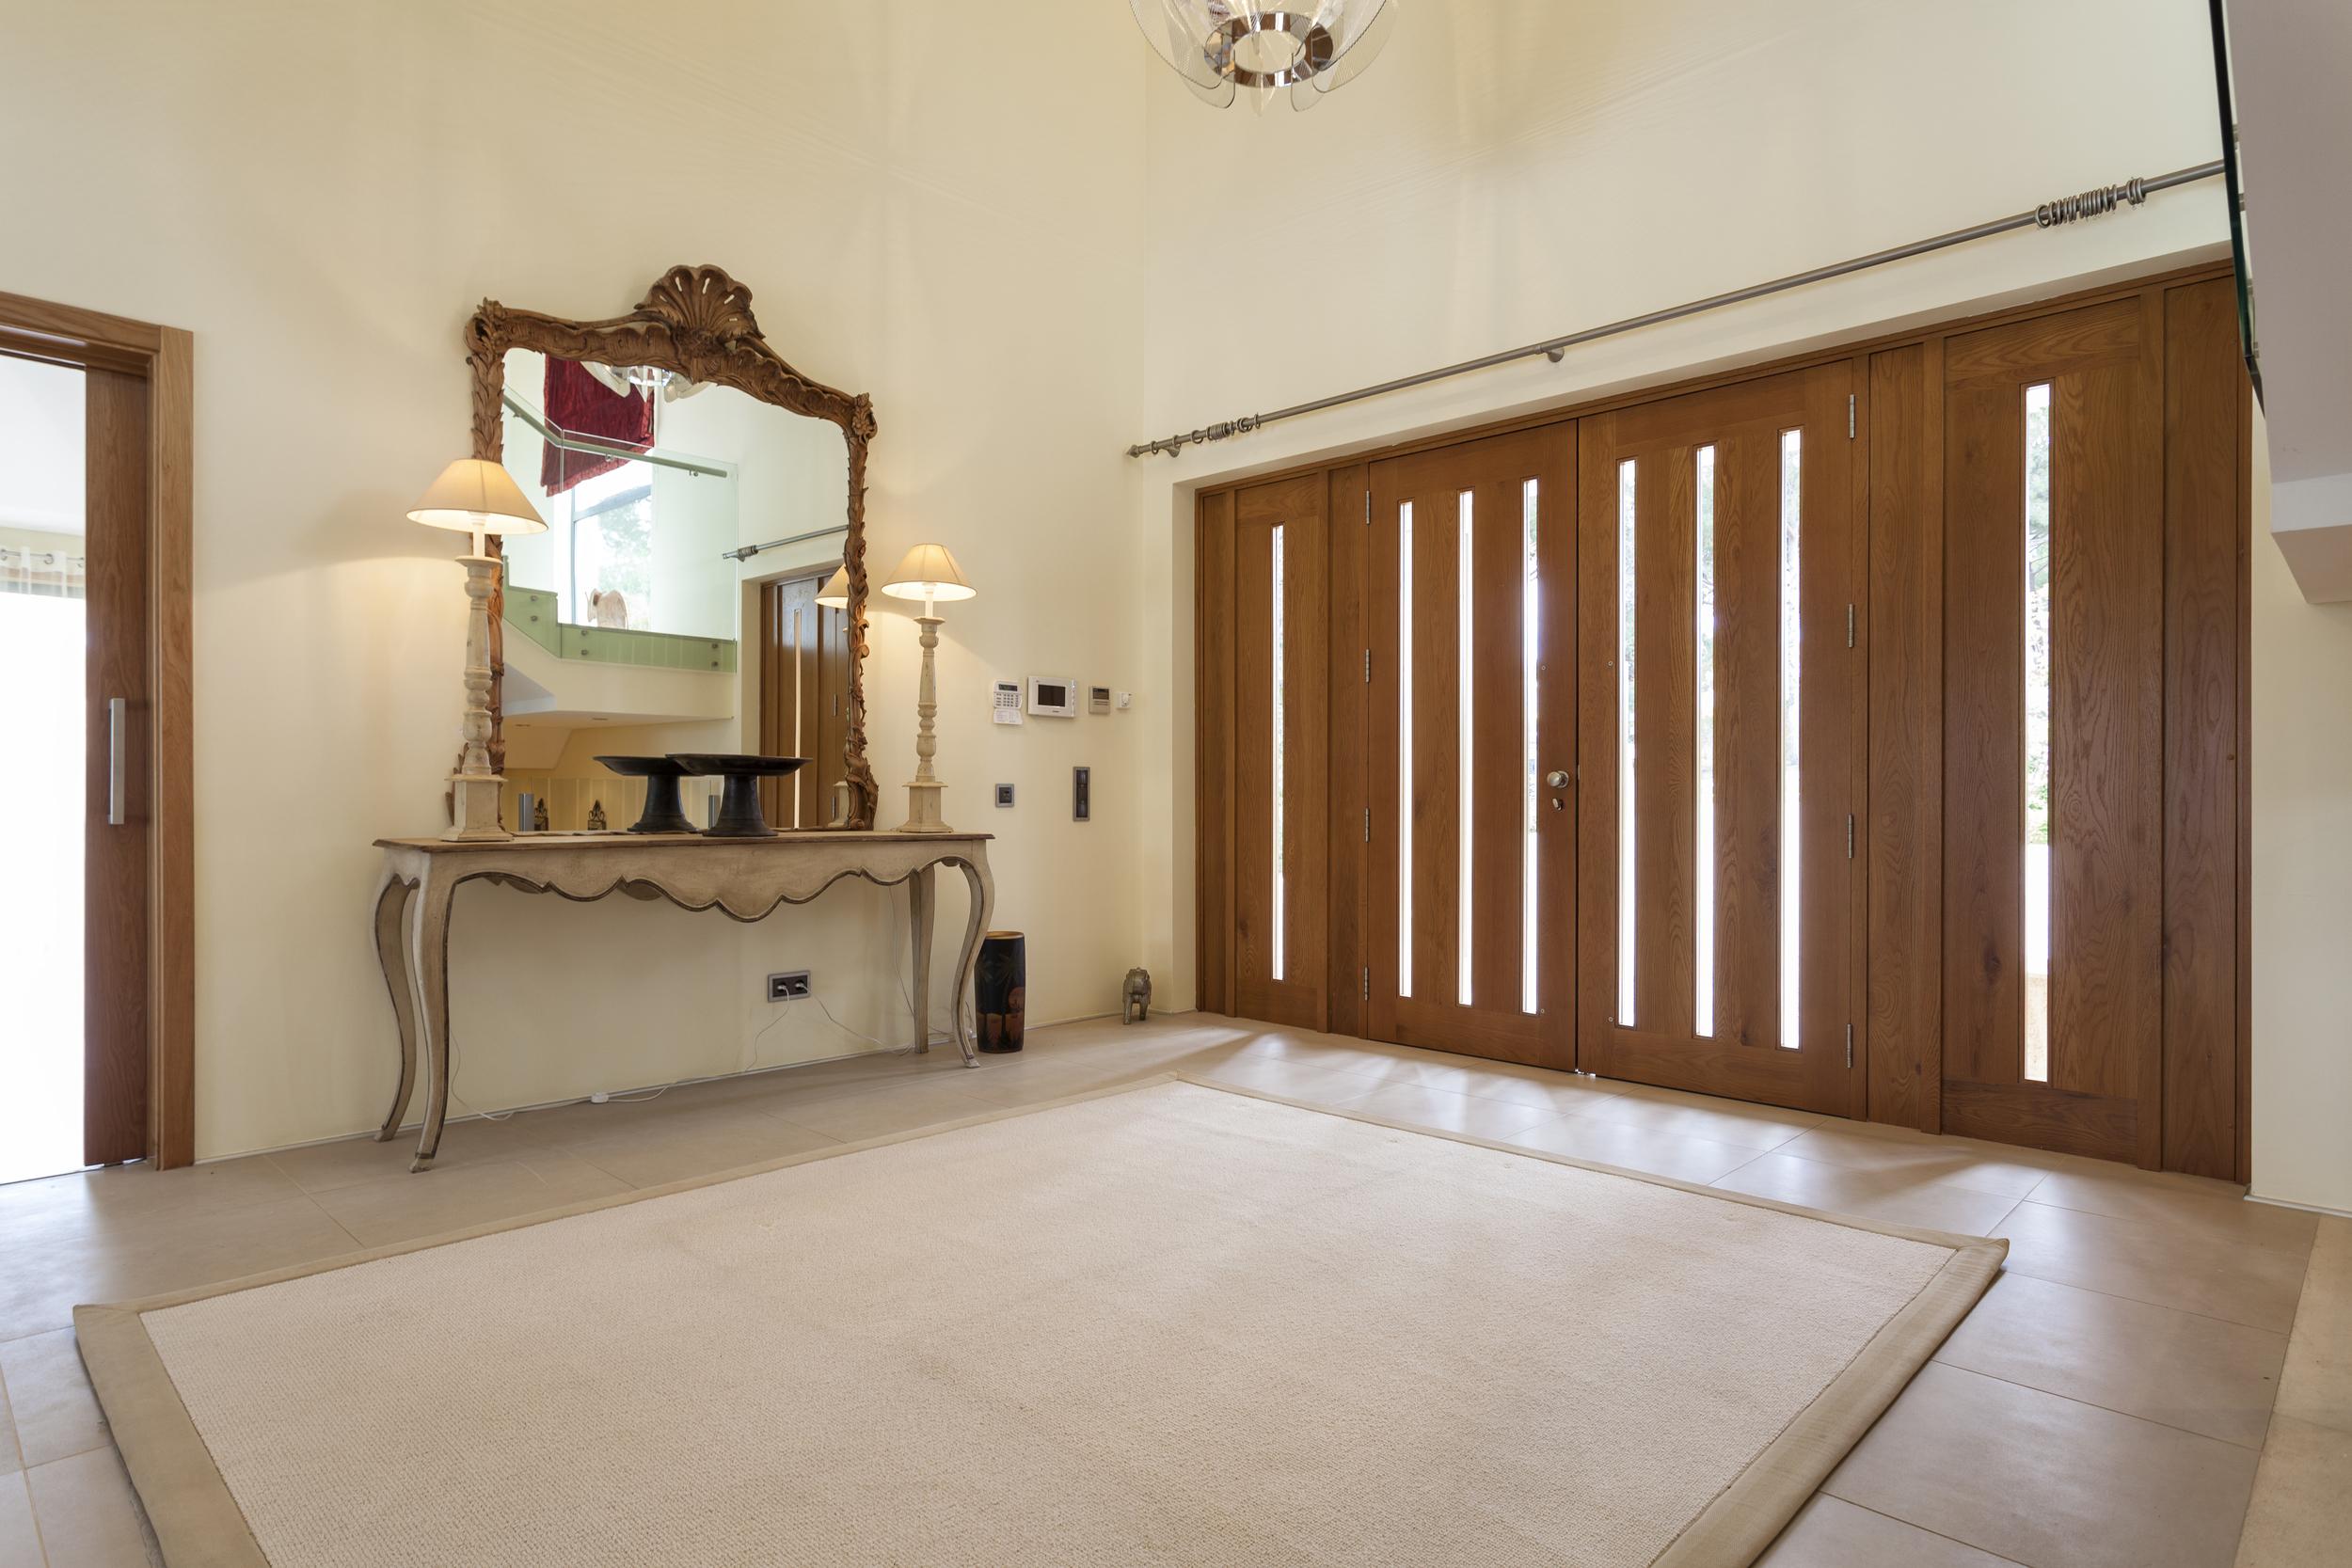 4 bedroom villa to rent in Quinta do Lago, RLV, Villa Serpentine,30.jpg